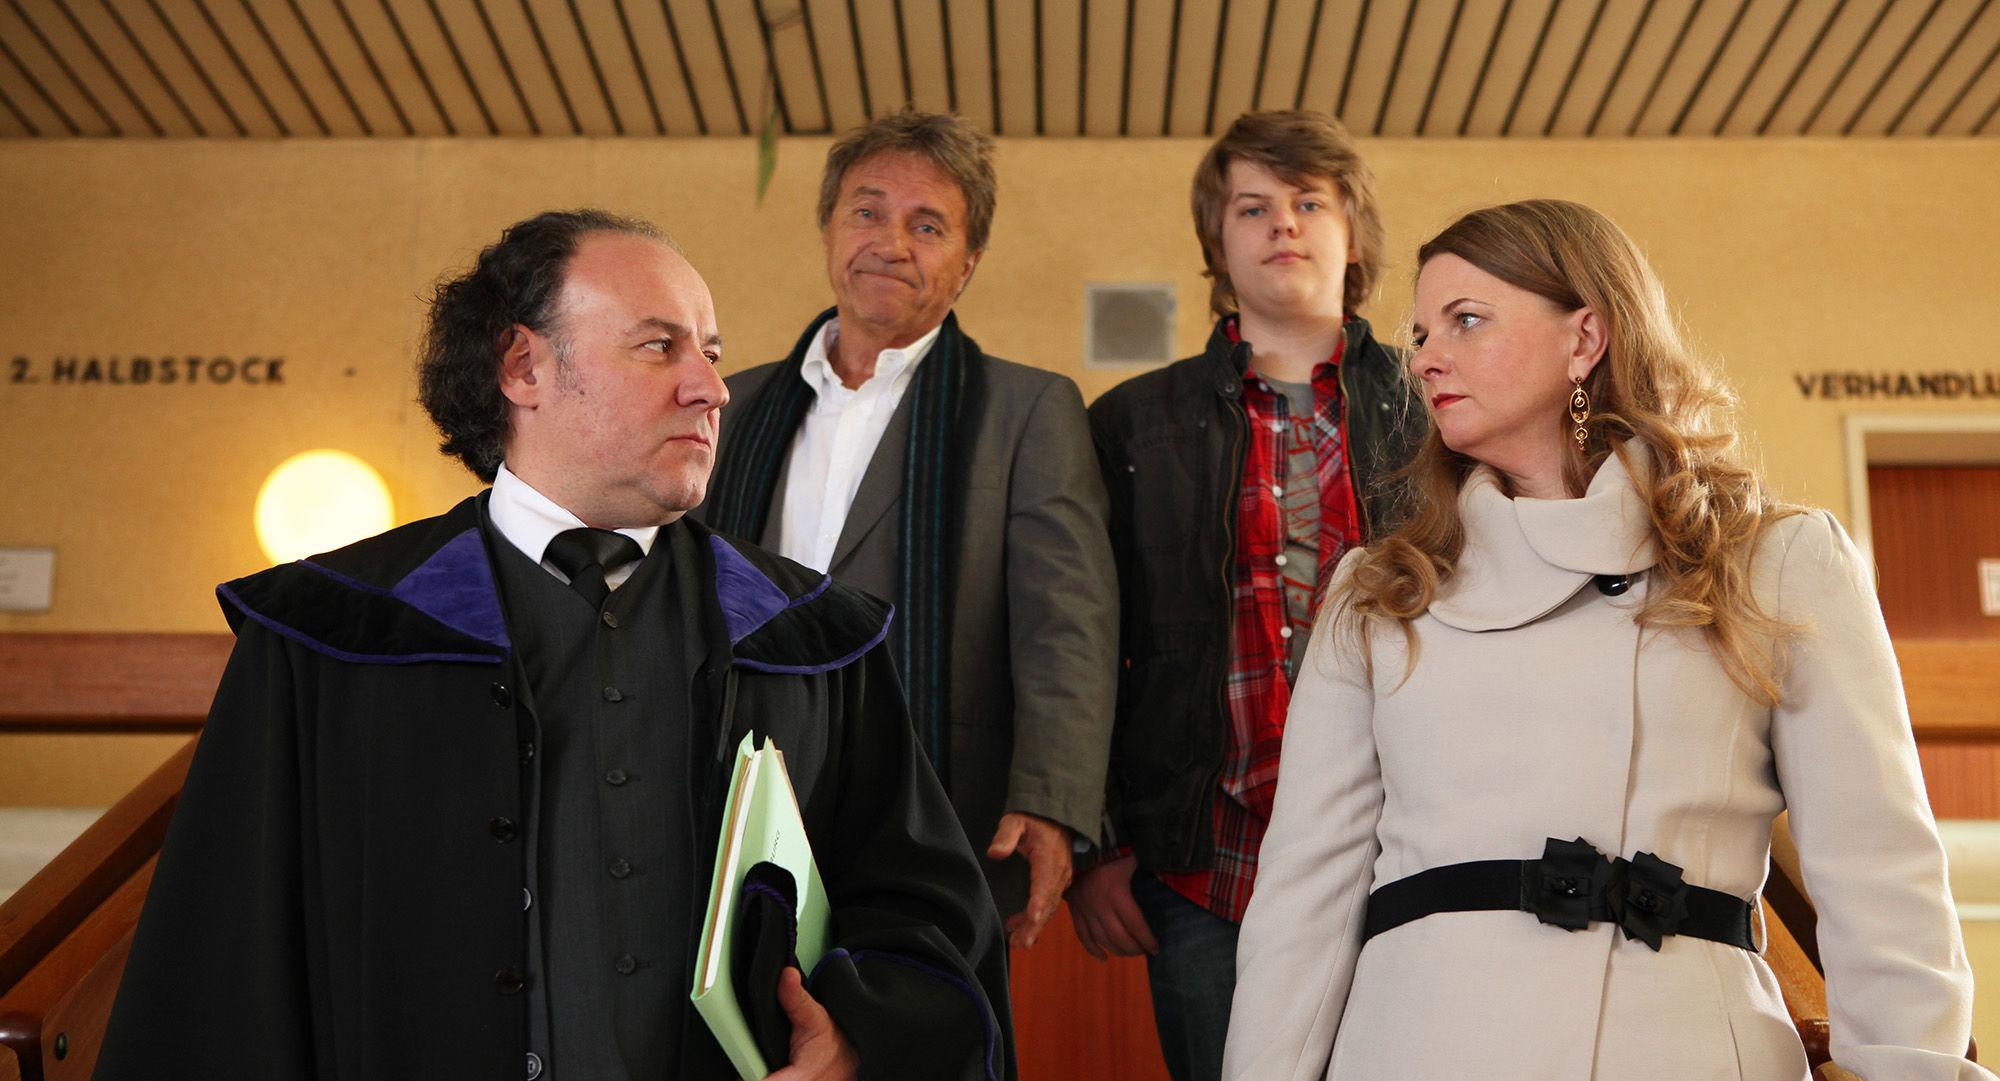 Christian Weinberger (Dr. Kainroth), Wolfram Berger (Thomas Kilian), Lucas Schwabenitzky (David Killean), Ulrike Beimpold ( Renate Kilian)